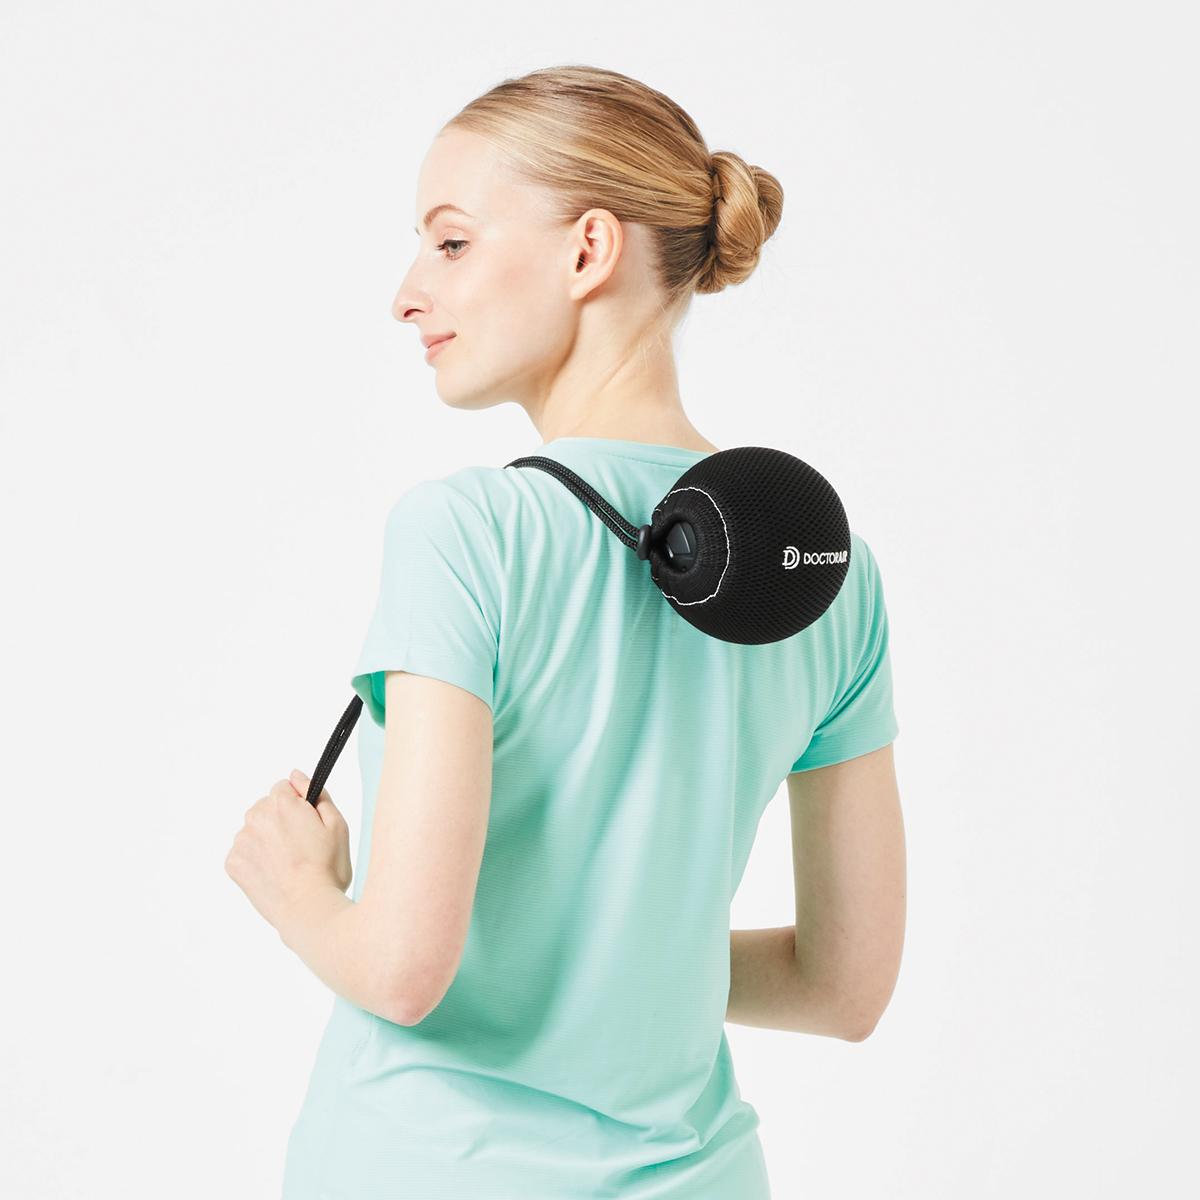 持ち手のあるアシストカバーつきだから一人でも、本格ストレッチをカンタンにできる。毎分4000回の振動で、筋肉を奥深くから揺さぶるストレッチボール|Dr.Air 3Dコンディショニングボール